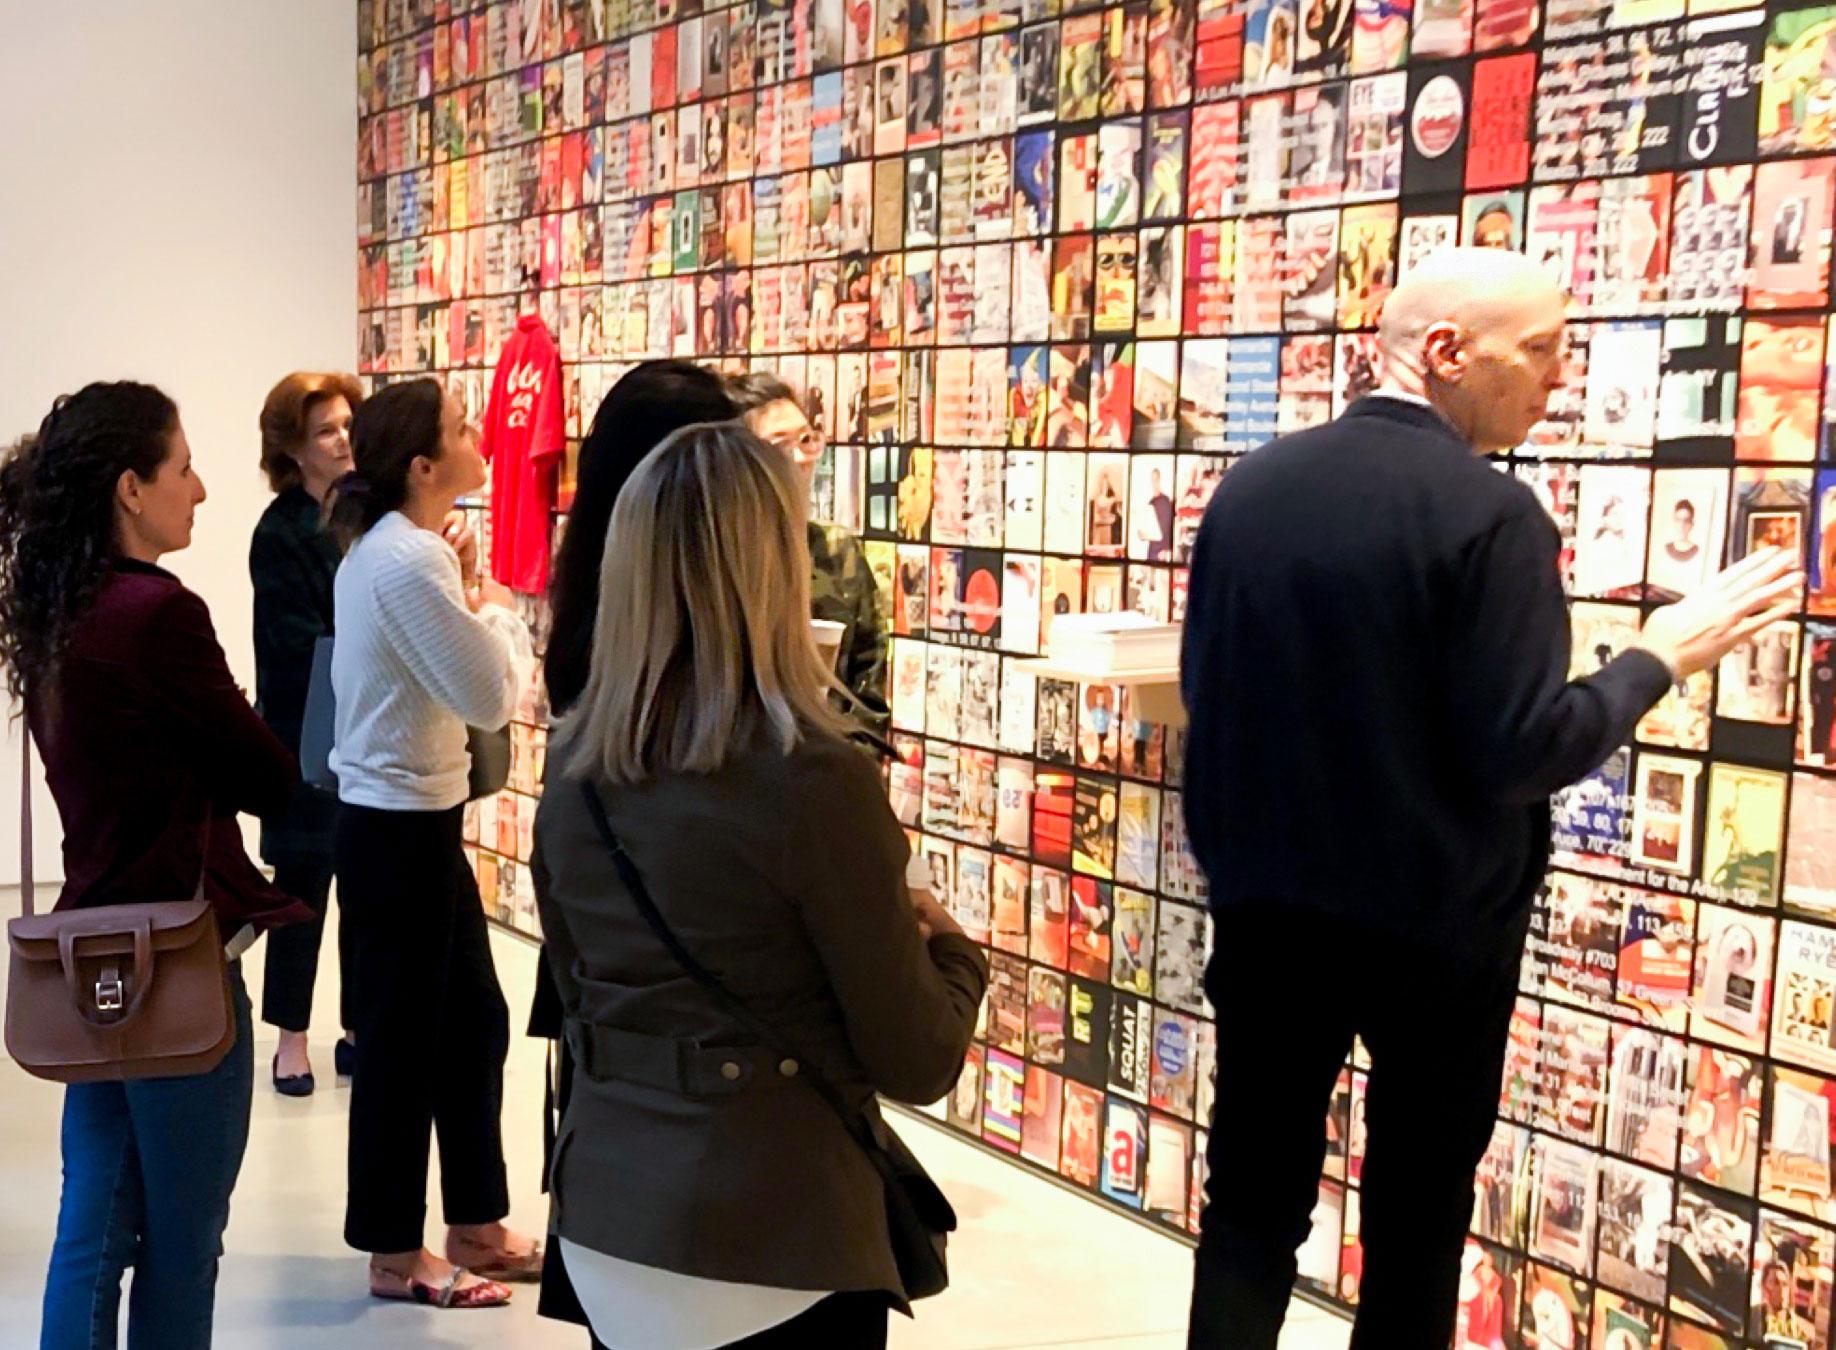 Los Angeles Cece Karz Art Corporate Tours